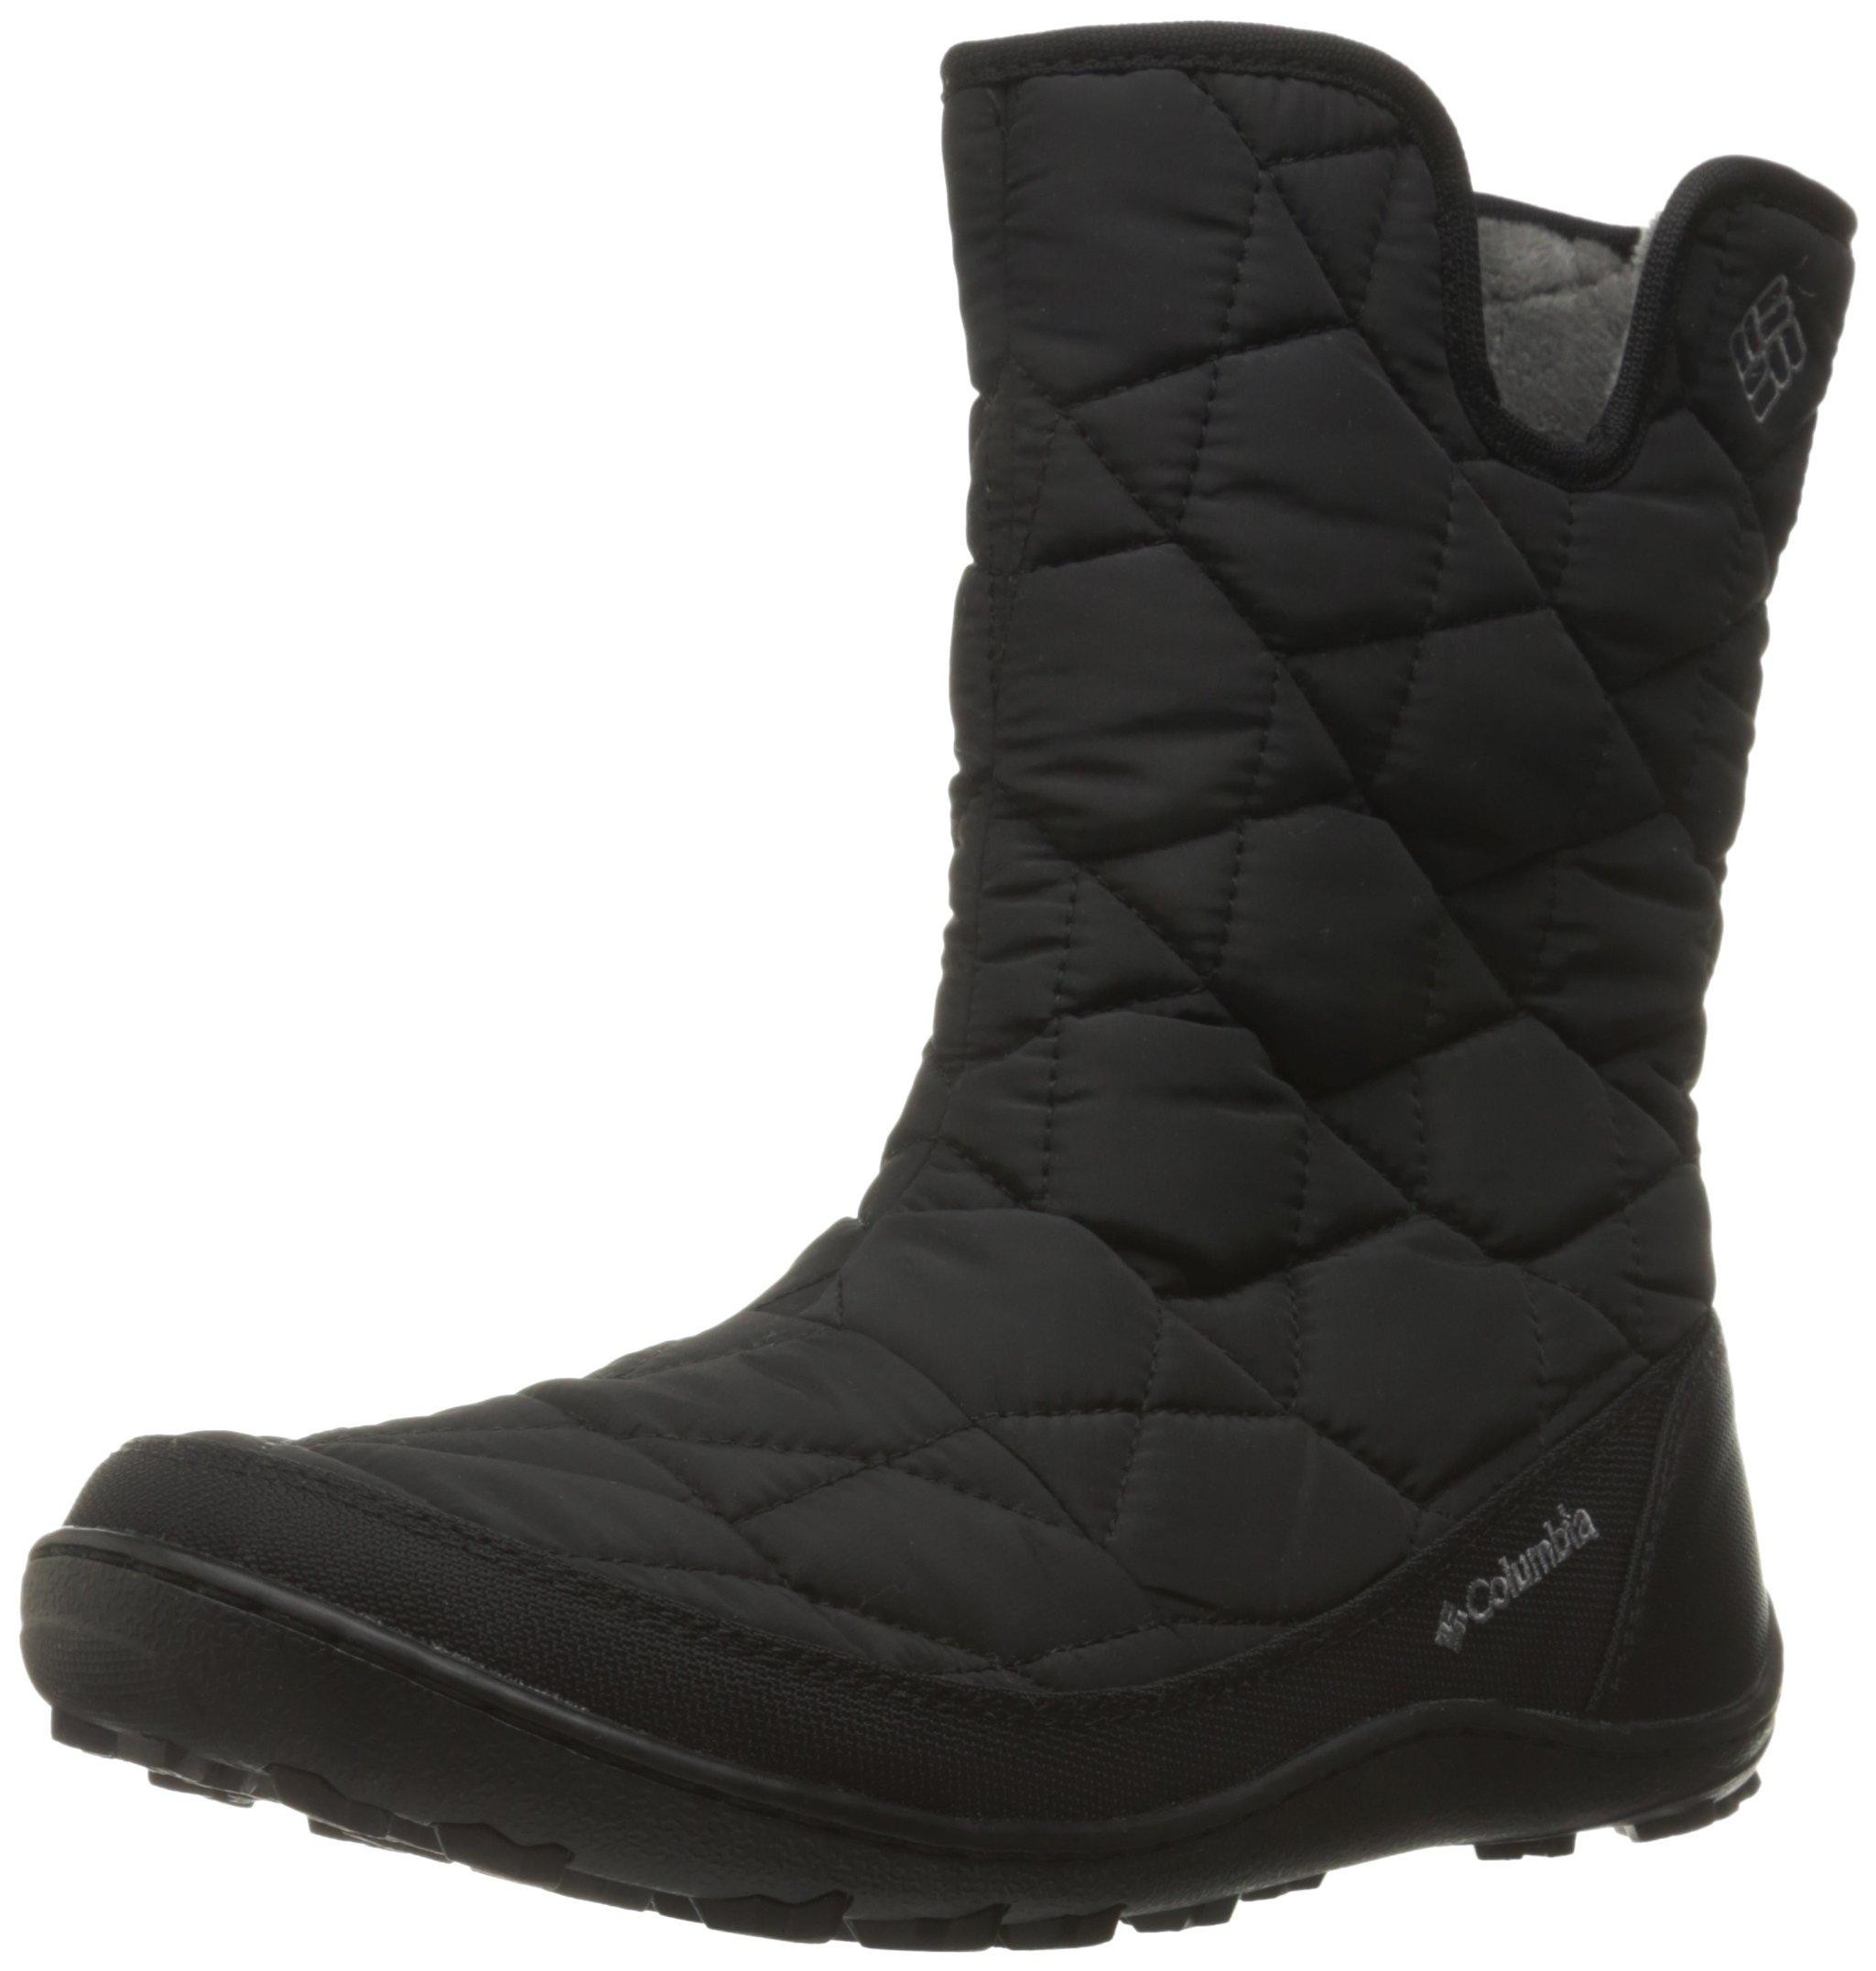 Columbia Women's Minx Slip II Omni-Heat Snow Boot, Black/Quarry, 8.5 B US